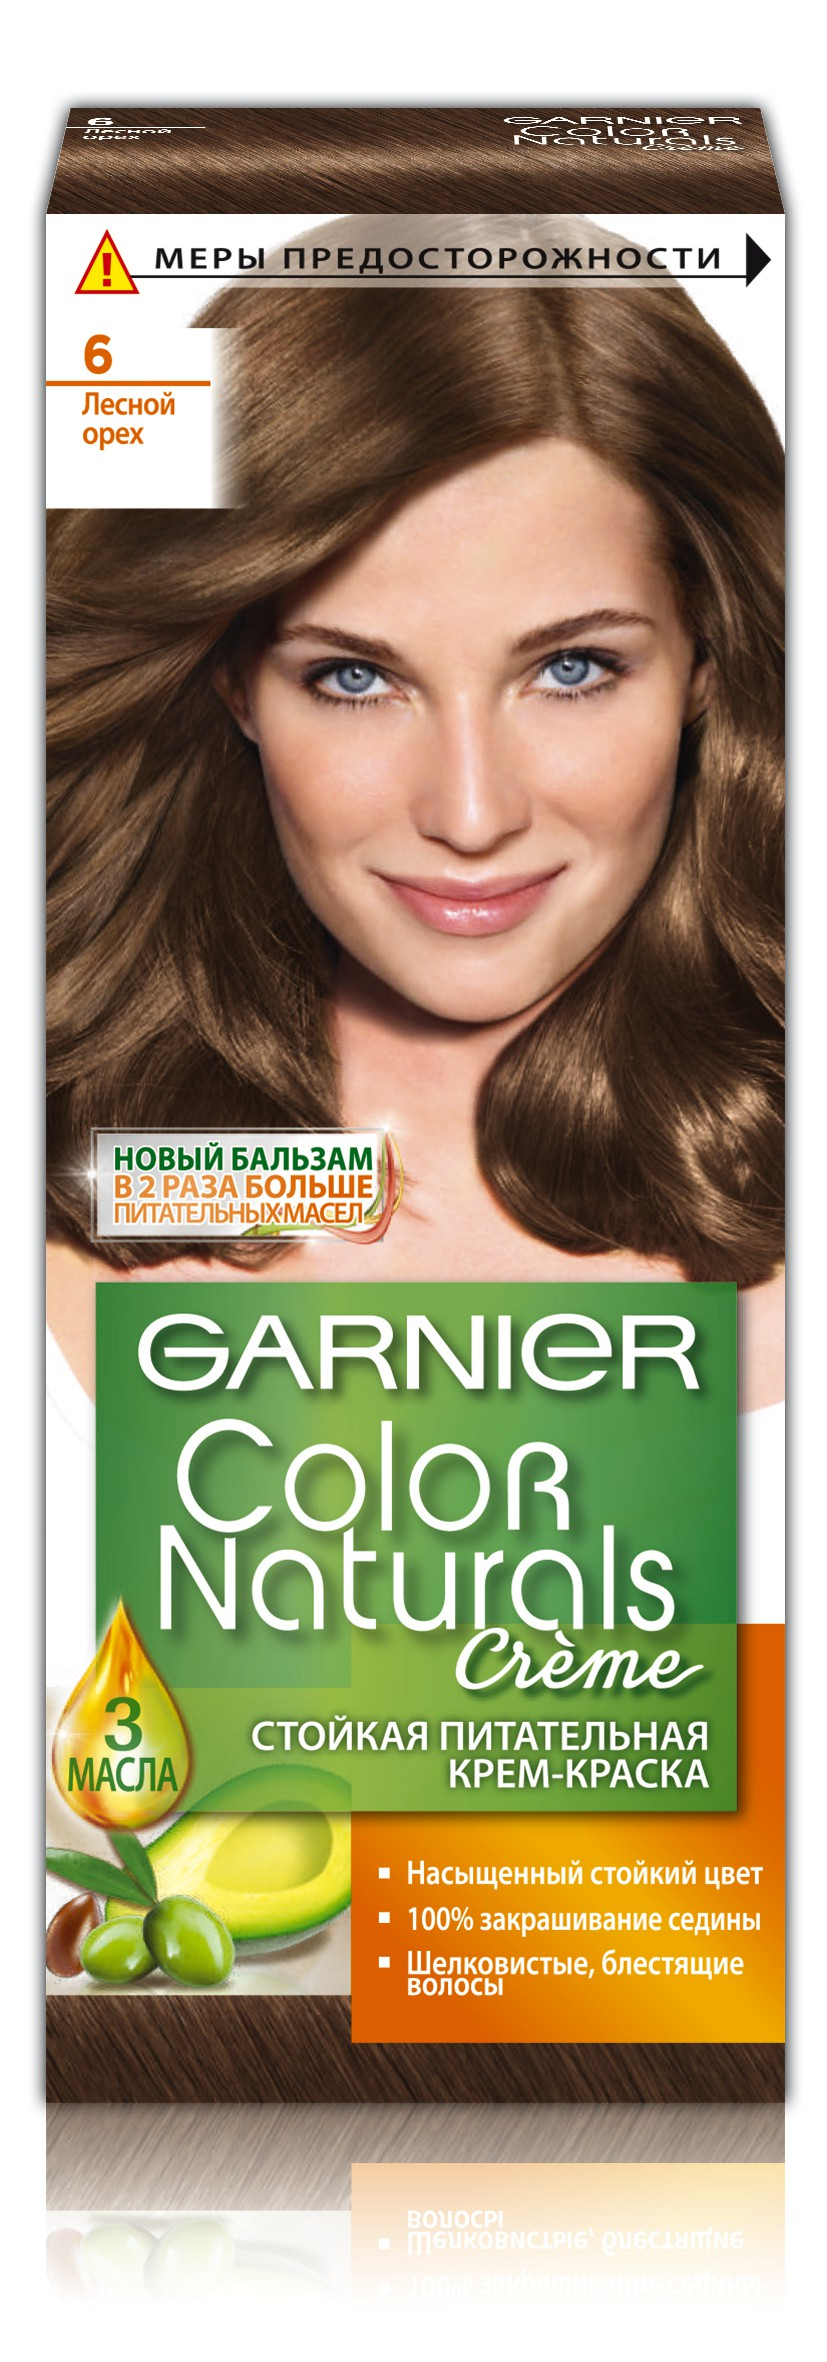 Garnier Стойкая питательная крем-краскадля волос Color Naturals, оттенок 6, Лесной орехC4035325Крем-краска Garnier Color Naturals содержит масла оливы, авокадо и карите, которые питают волосы во время окрашивания. В результате цвет получается насыщенным и стойким, а волосы становятся мягкими и шелковистыми. 100% закрашивание седины.Узнай больше об окрашивании на http://coloracademy.ru/.В состав упаковки входит: флакон с молочком-проявителем (60 мл); тюбик с обесцвечивающим кремом (40 мл); 2 упаковки с обесцвечивающим порошком (2,5 г); крем-уход после окрашивания (10 мл);инструкция; пара перчаток.